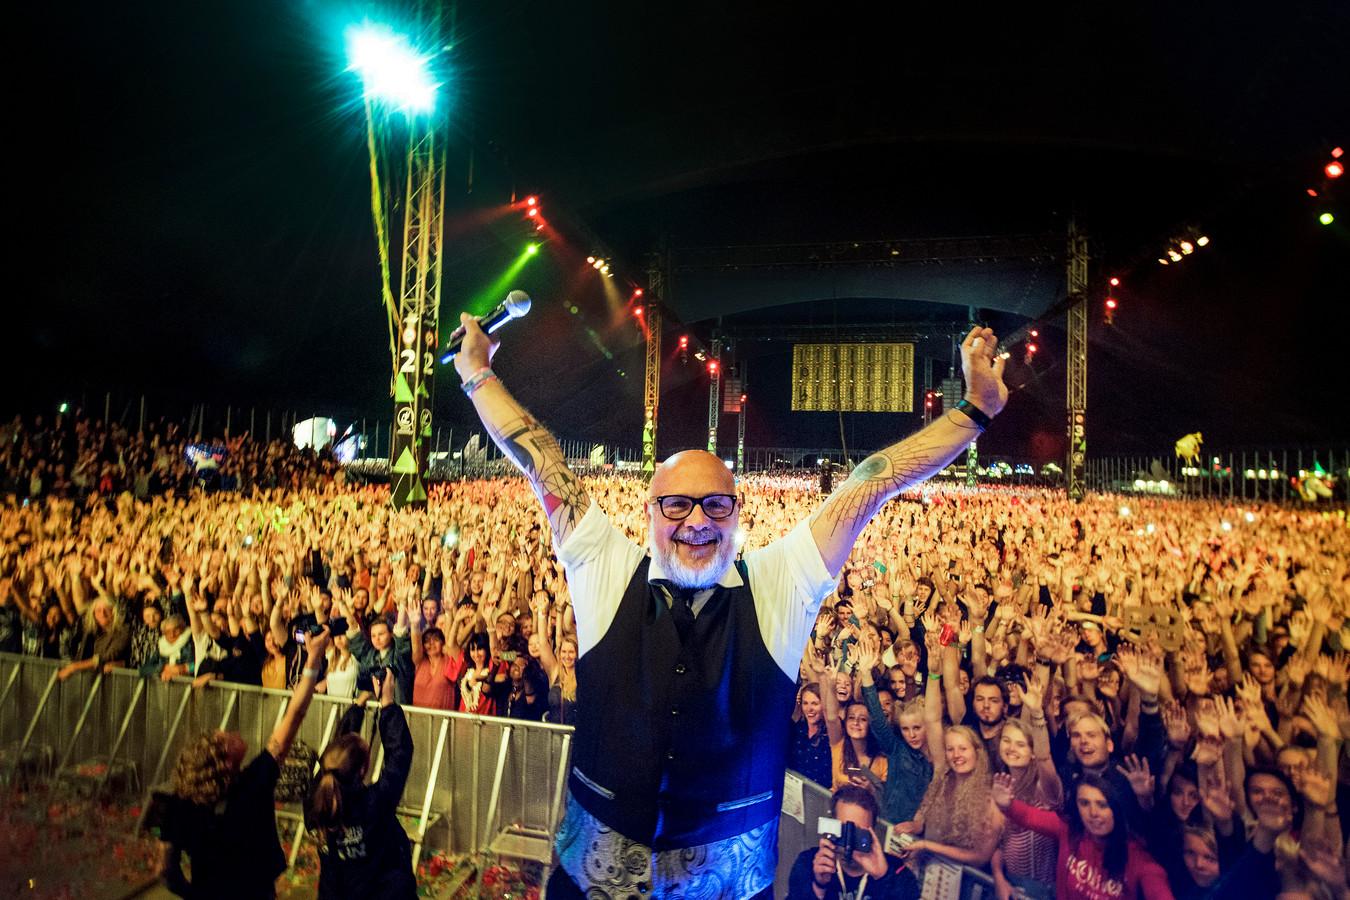 De roemruchte presentator van Appelpop Harry Rienmeijer heeft zojuist na jaren trouwe dienst zijn allerlaatste band aangekondigd.